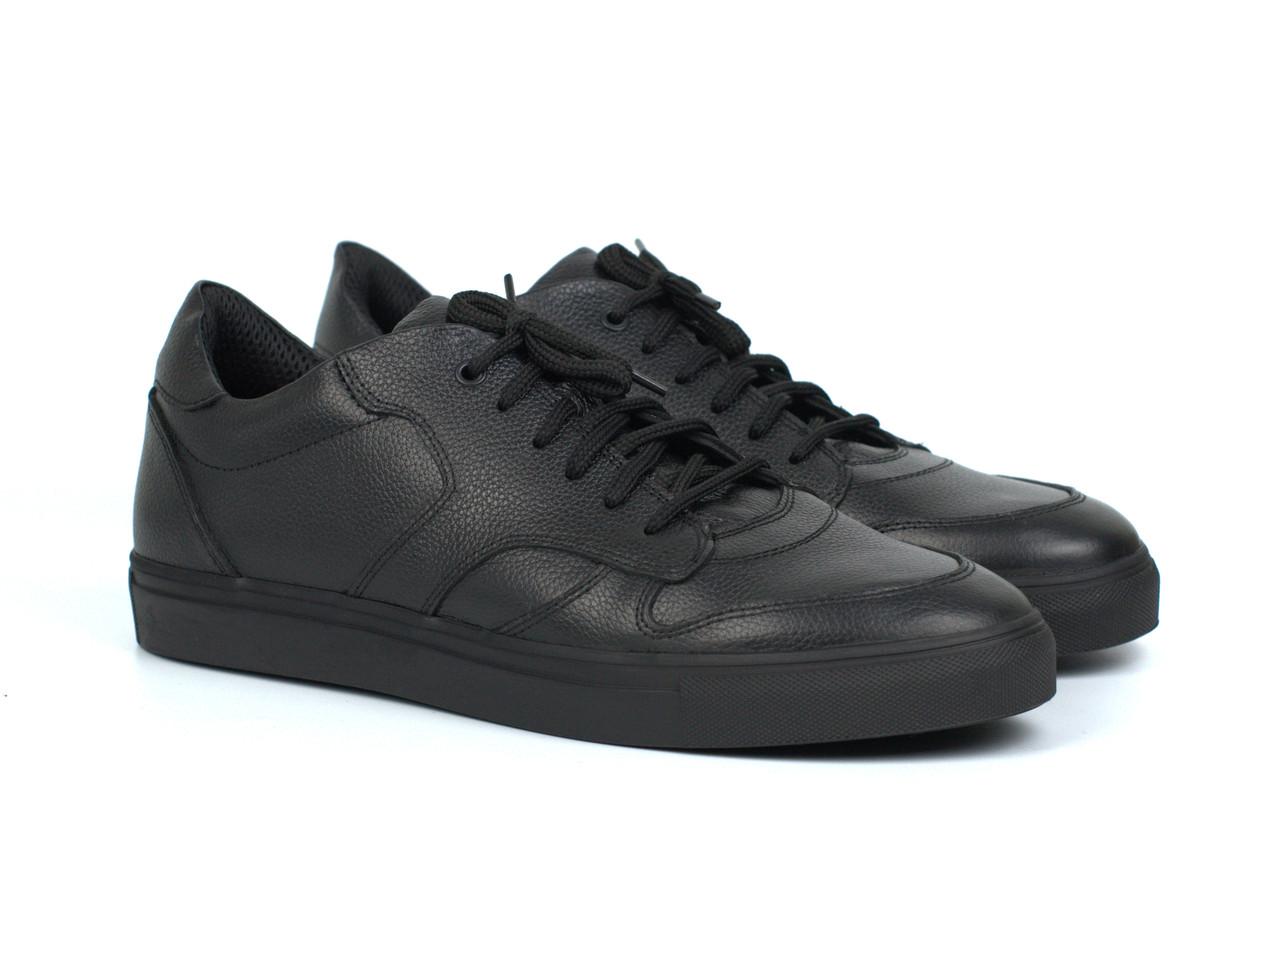 Кросівки чоловічі демісезонні чорні шкіряні взуття демісезонне Rosso Avangard ReBaKa Floto Leather TPR